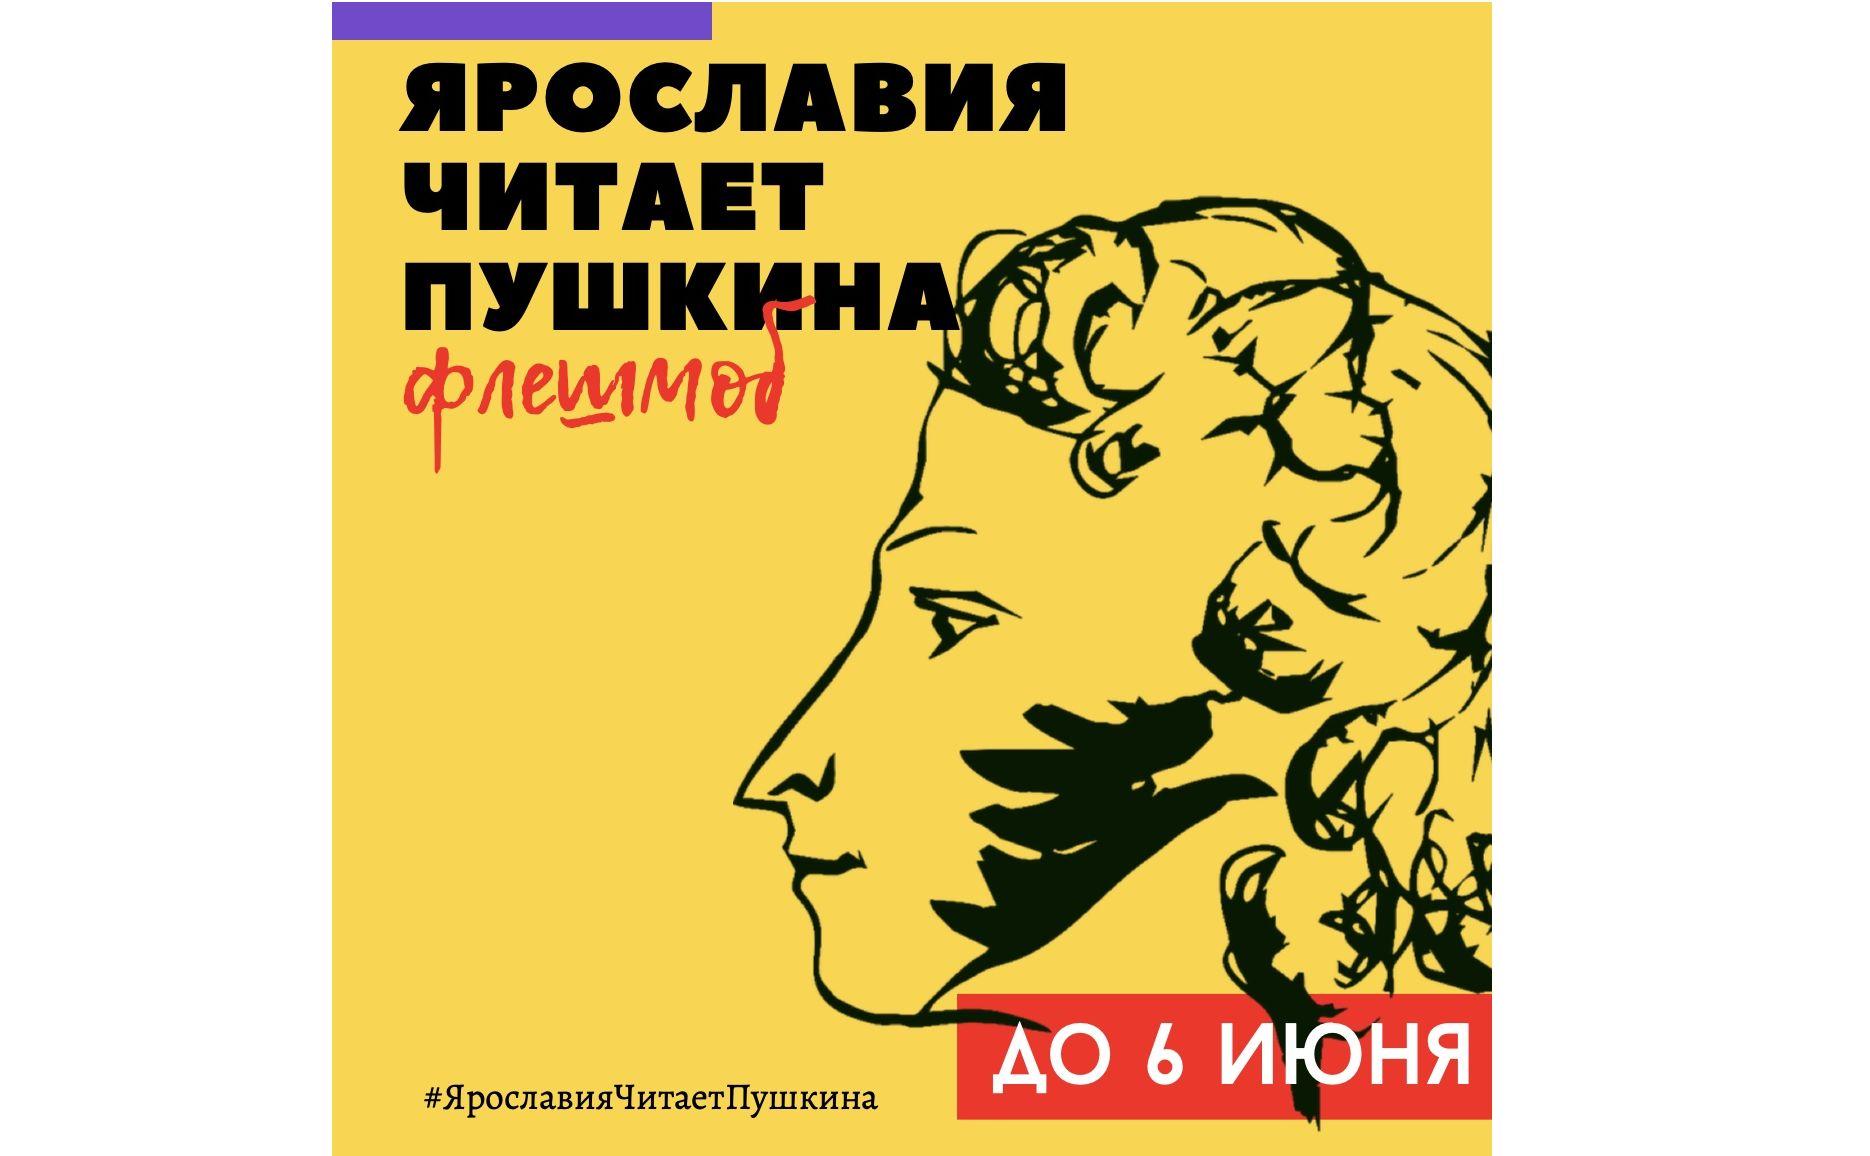 В Ярославской области лучшим чтецам стихов Пушкина подарят книги знаменитого писателя с пожеланиями Дмитрия Миронова